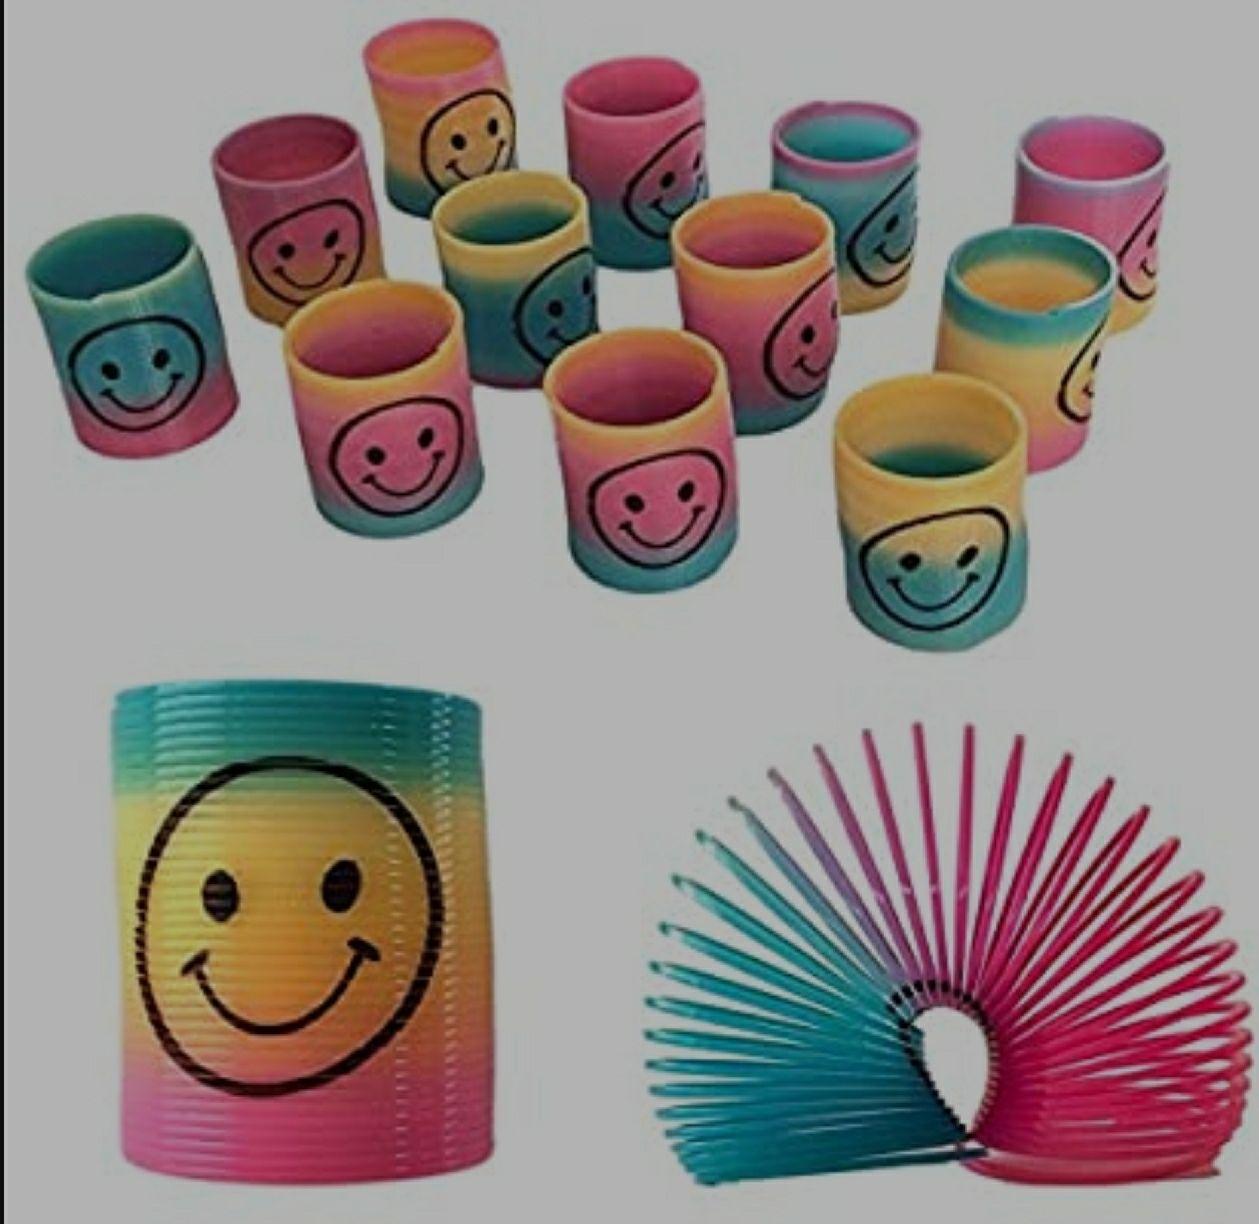 12 Mini Regenboog Smiley Gezicht Veren